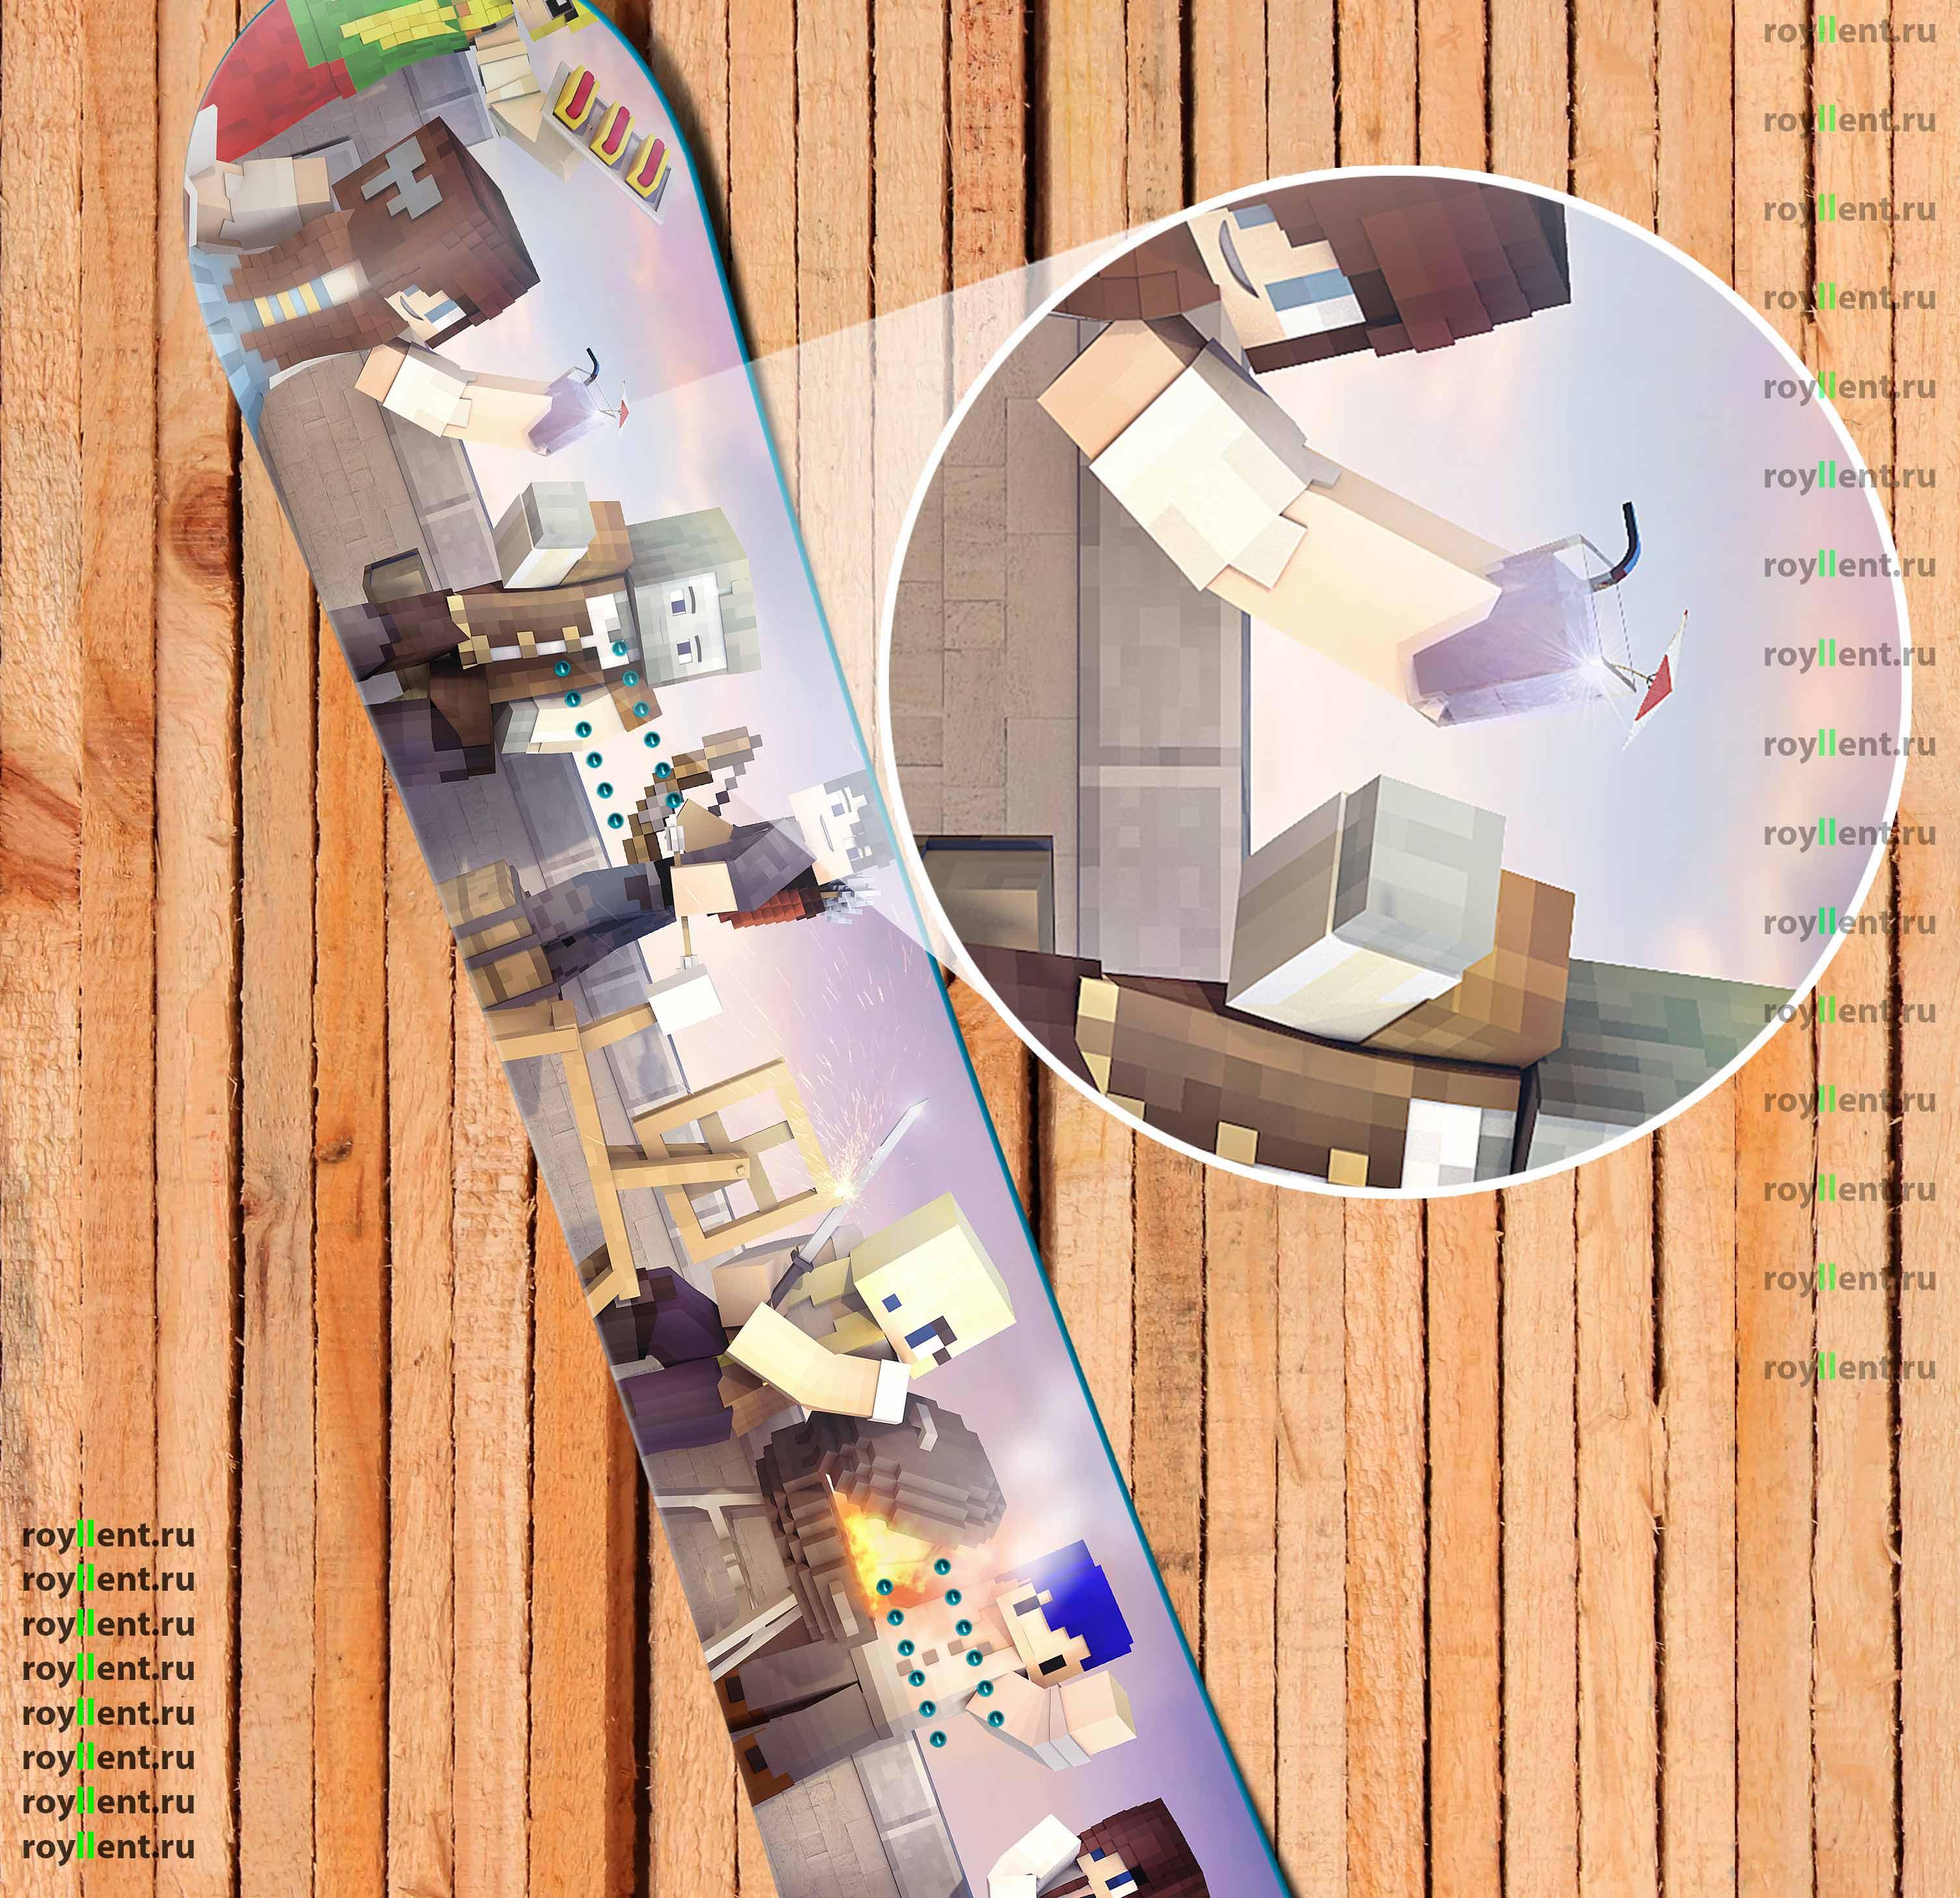 Дизайн наклейки сноуборда в стиле Майнкрафт